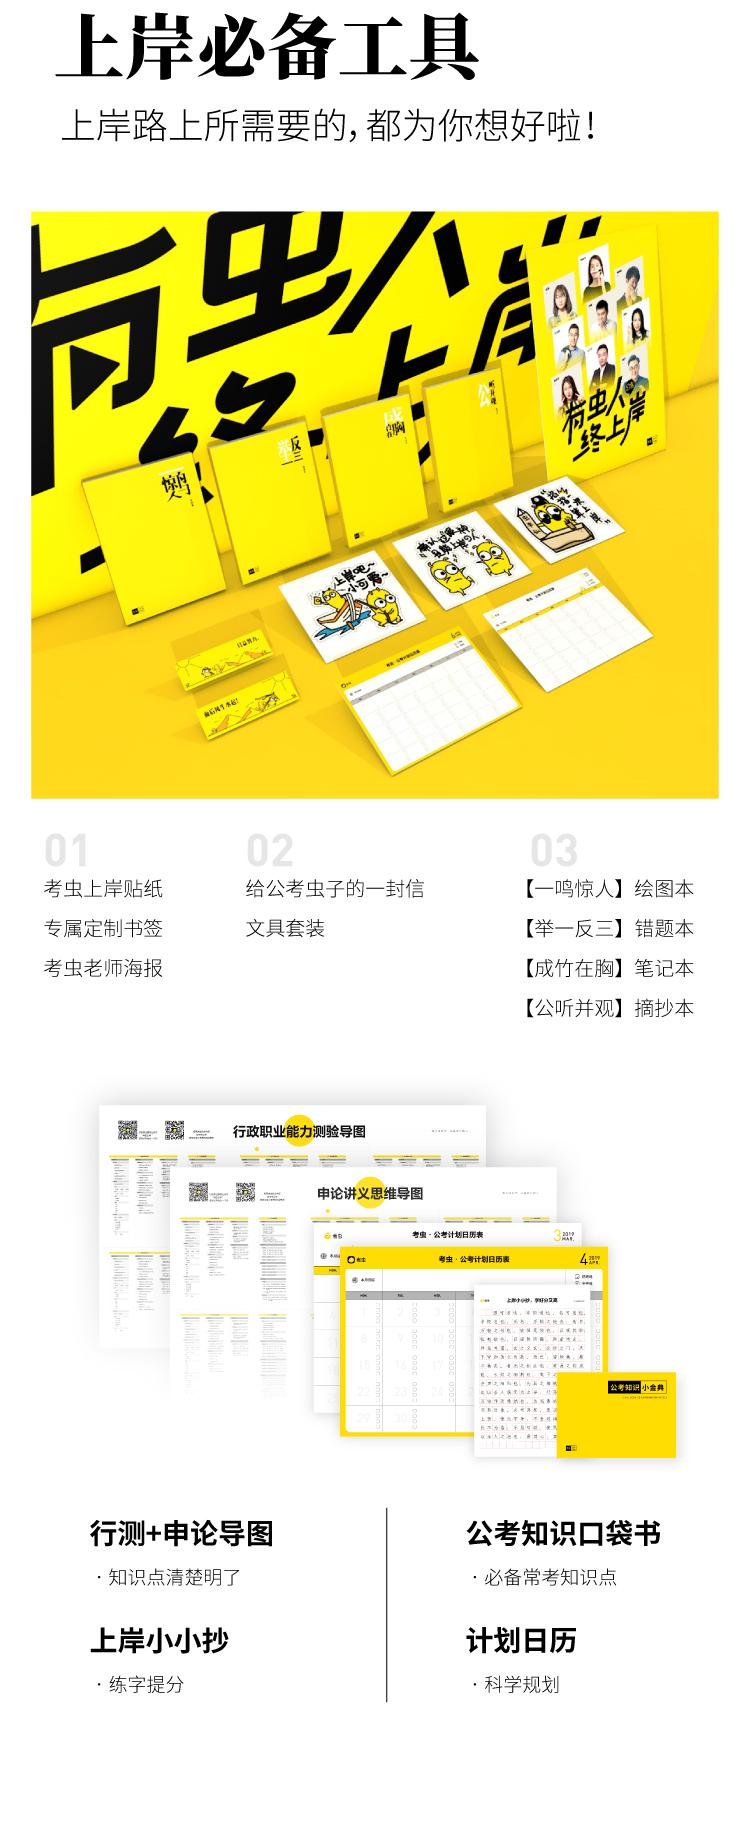 國考詳情頁3-100.jpg